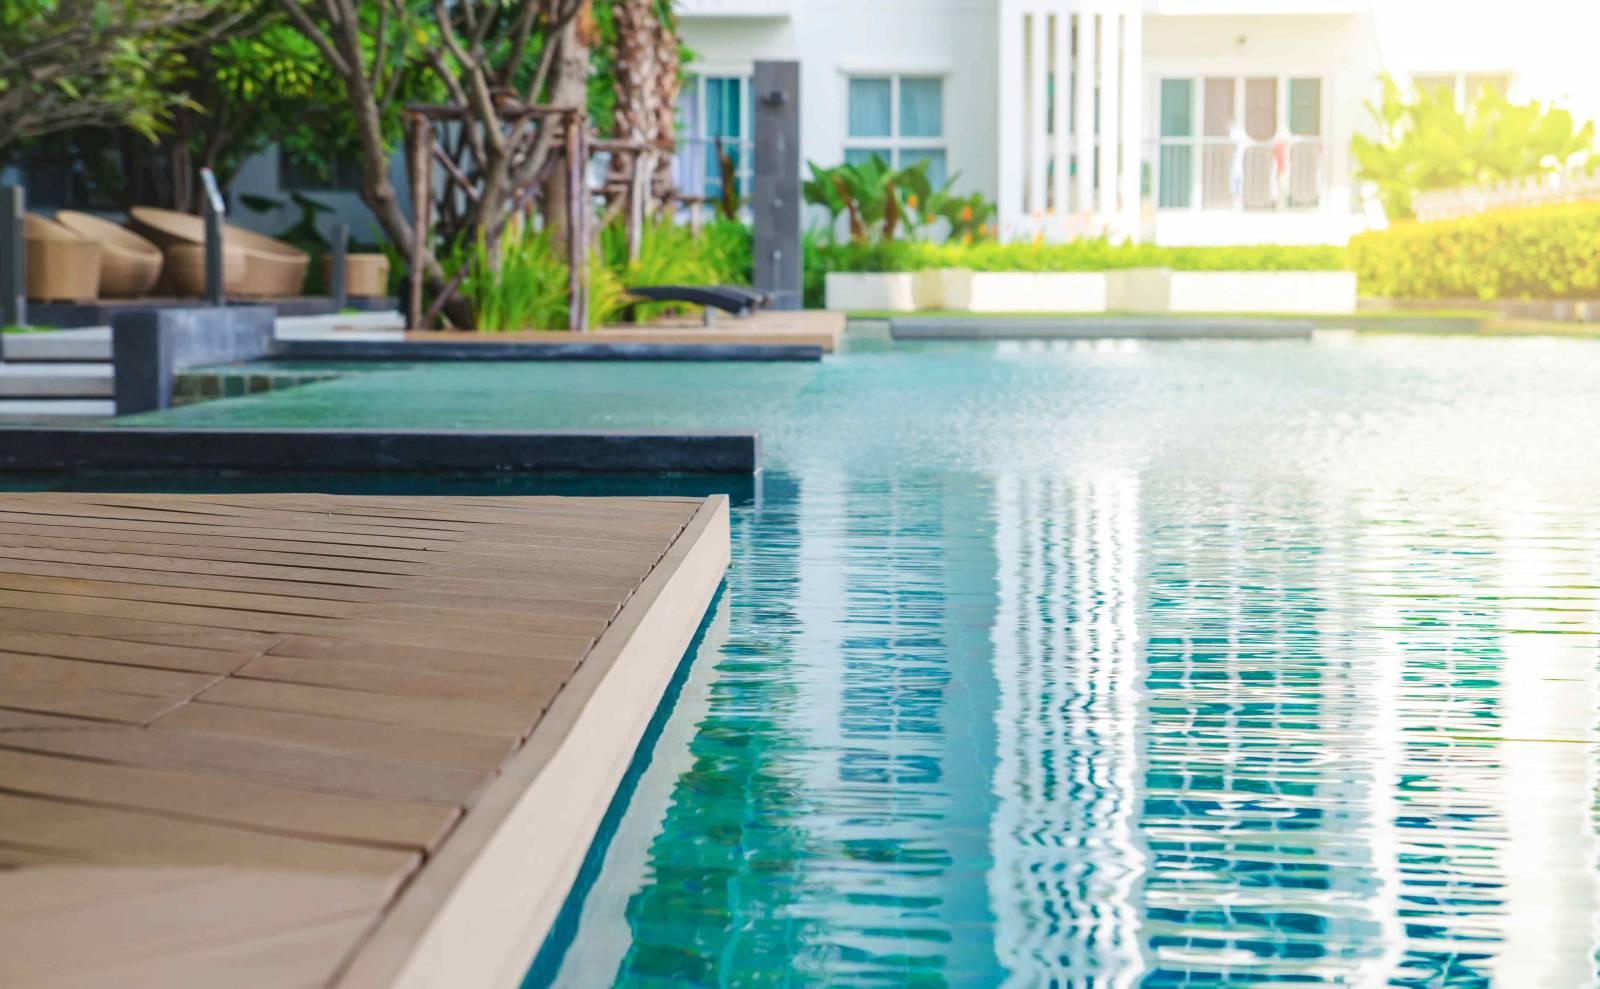 Constructeur de piscines sur mesure sur bordeaux fm piscines for Constructeur de piscine